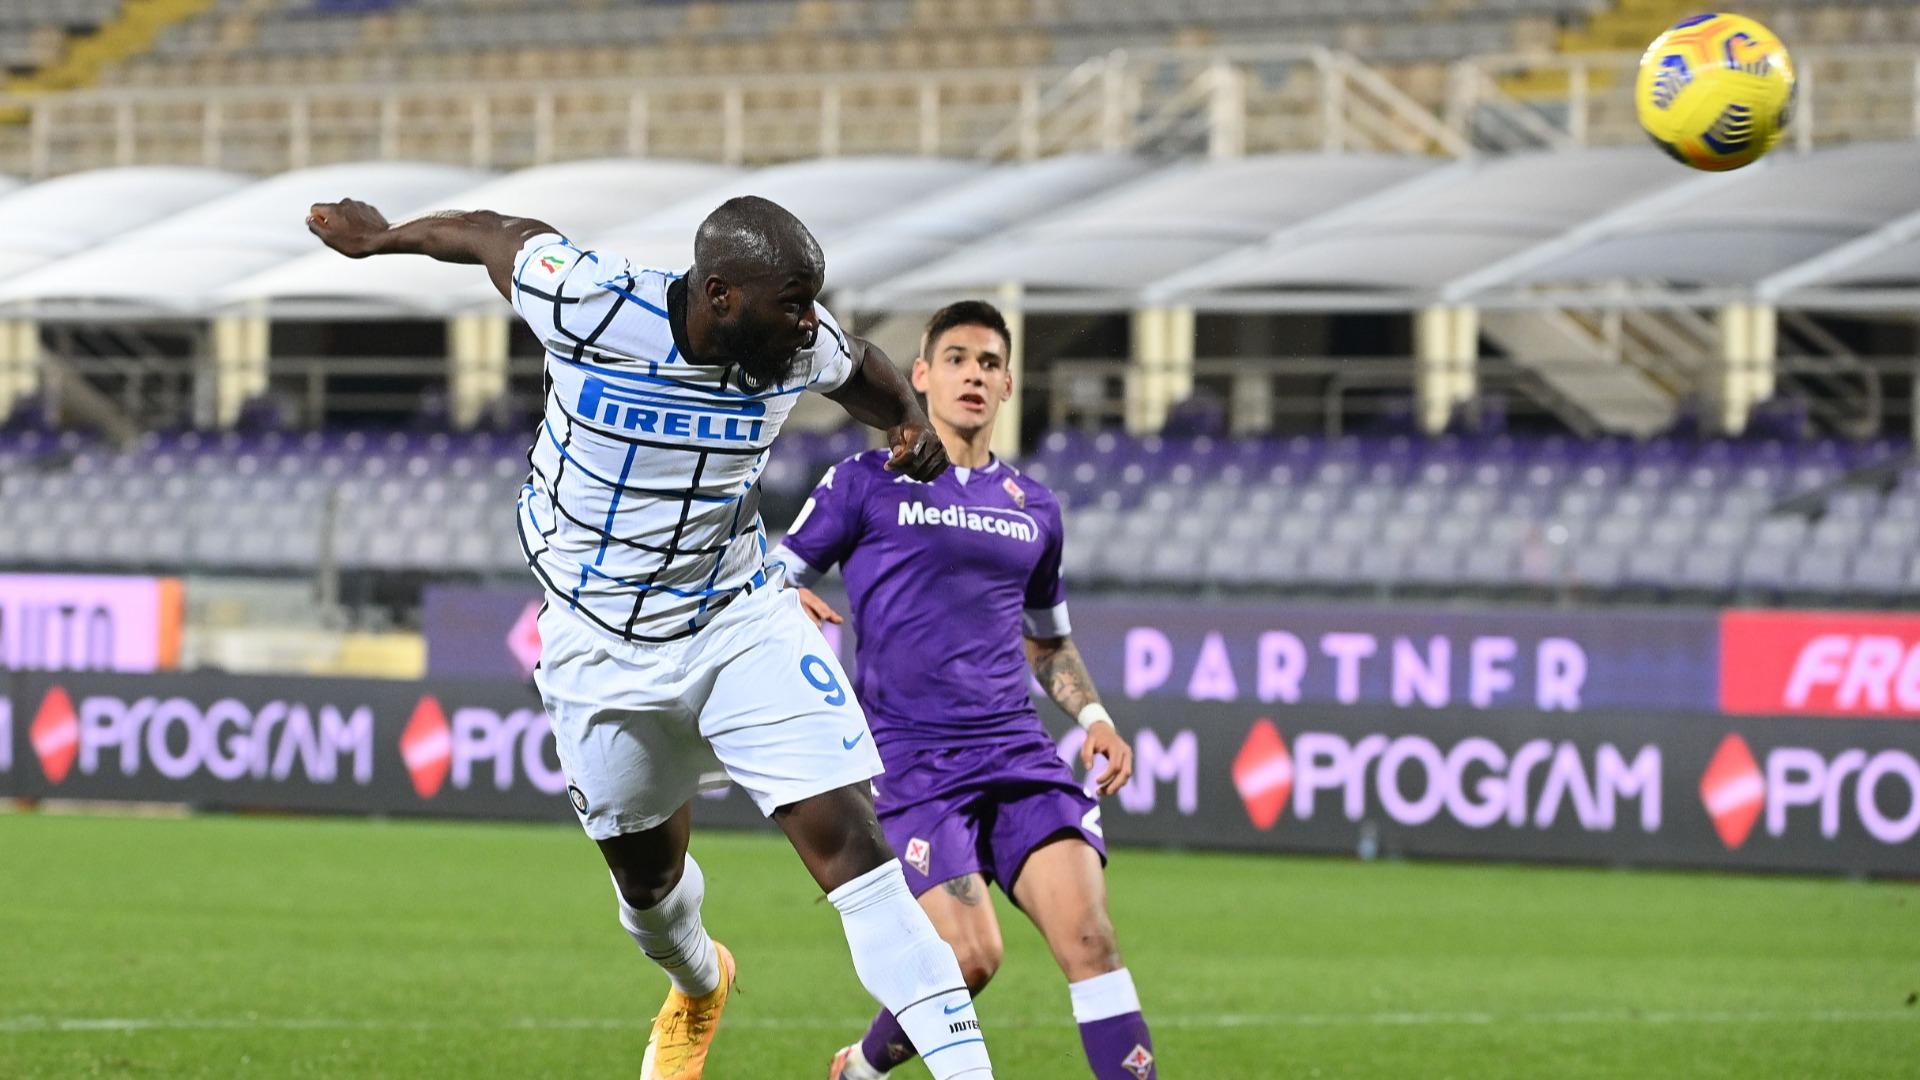 Fiorentina 1-2 Inter (aet): Lukaku leaves it late for last-16 winner